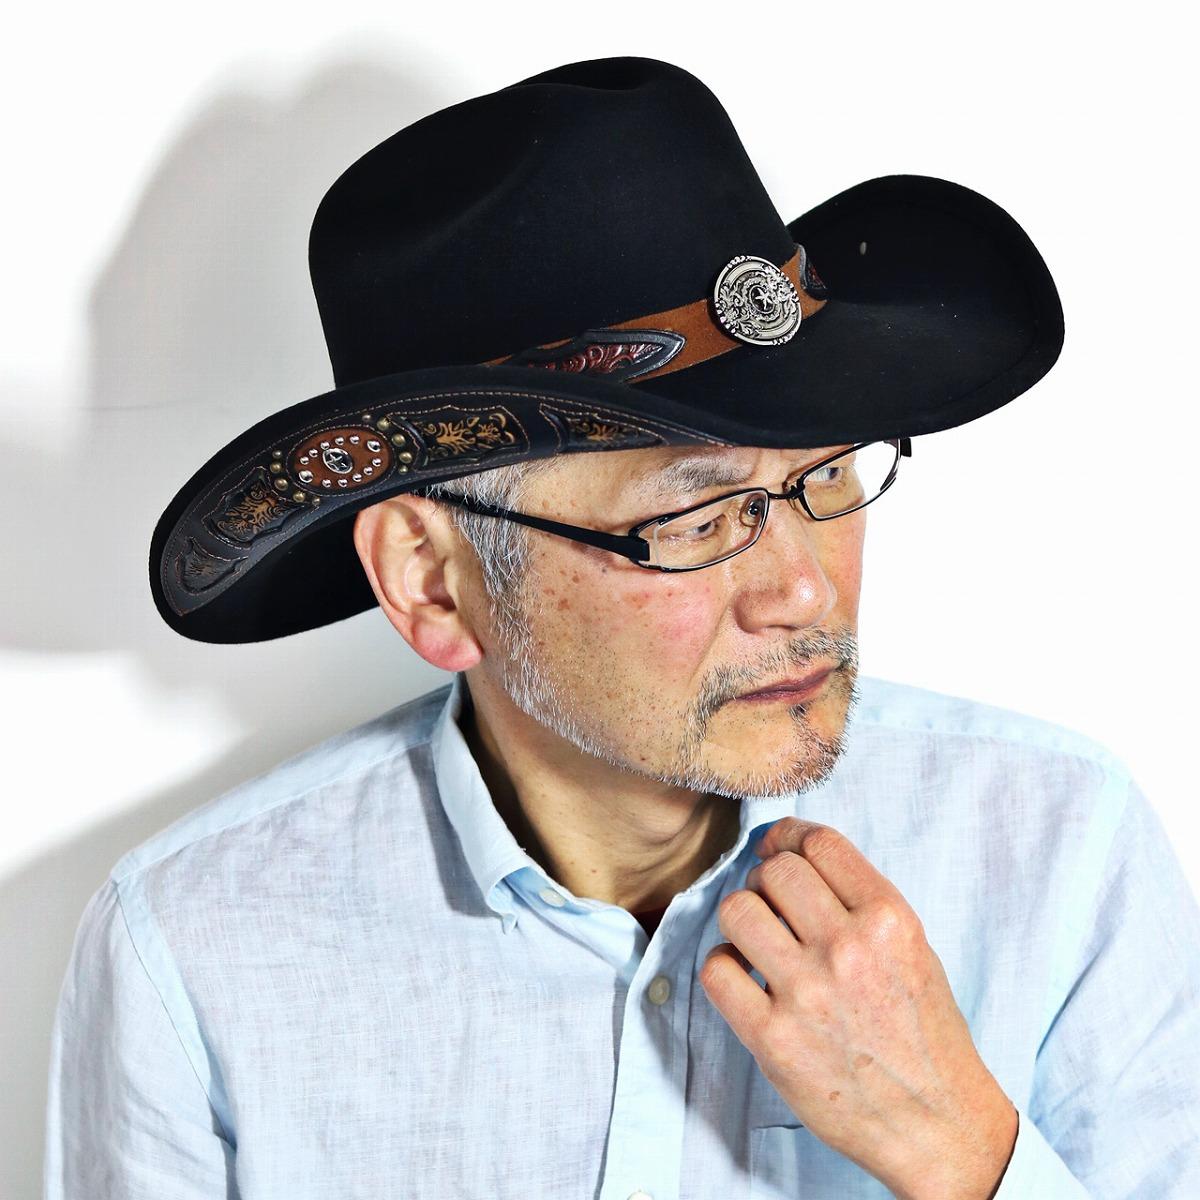 フェルト カウボーイ ハット バックルベルト 高級 帽子 100X ウール テンガロンハット 秋 冬California Hat Company Inc. メンズ カリフォルニアハット ウール100% ワイドブリム フェルトハット ウェスタン ワイヤー入り 黒 ブラック [ cowboy hat ] [ felt hat ]